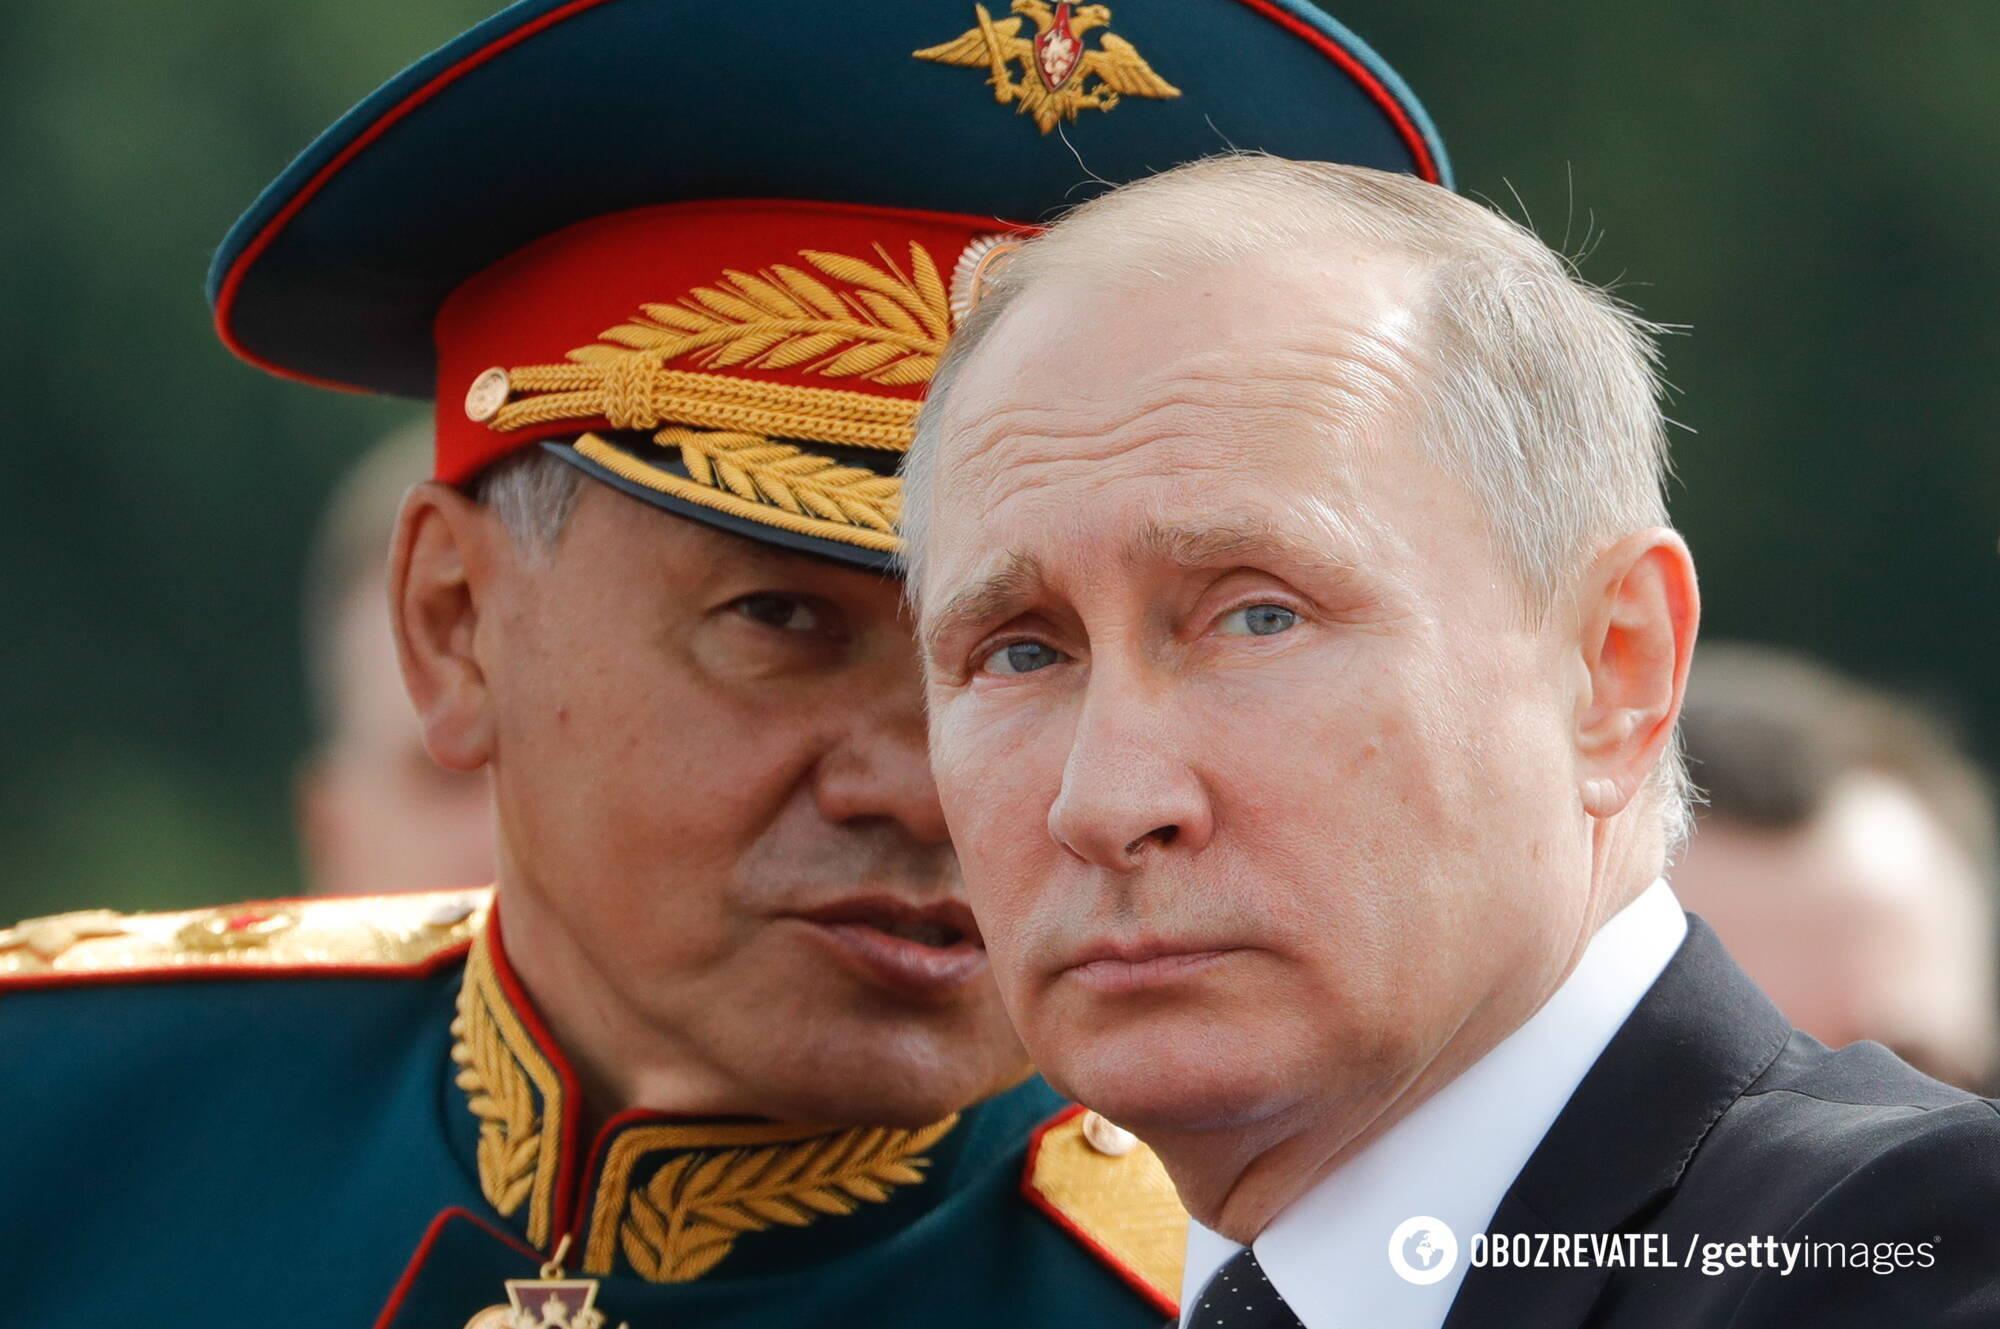 Проблемы РФ завязываются в один узел и толкают Путина изменить позицию по Донбассу